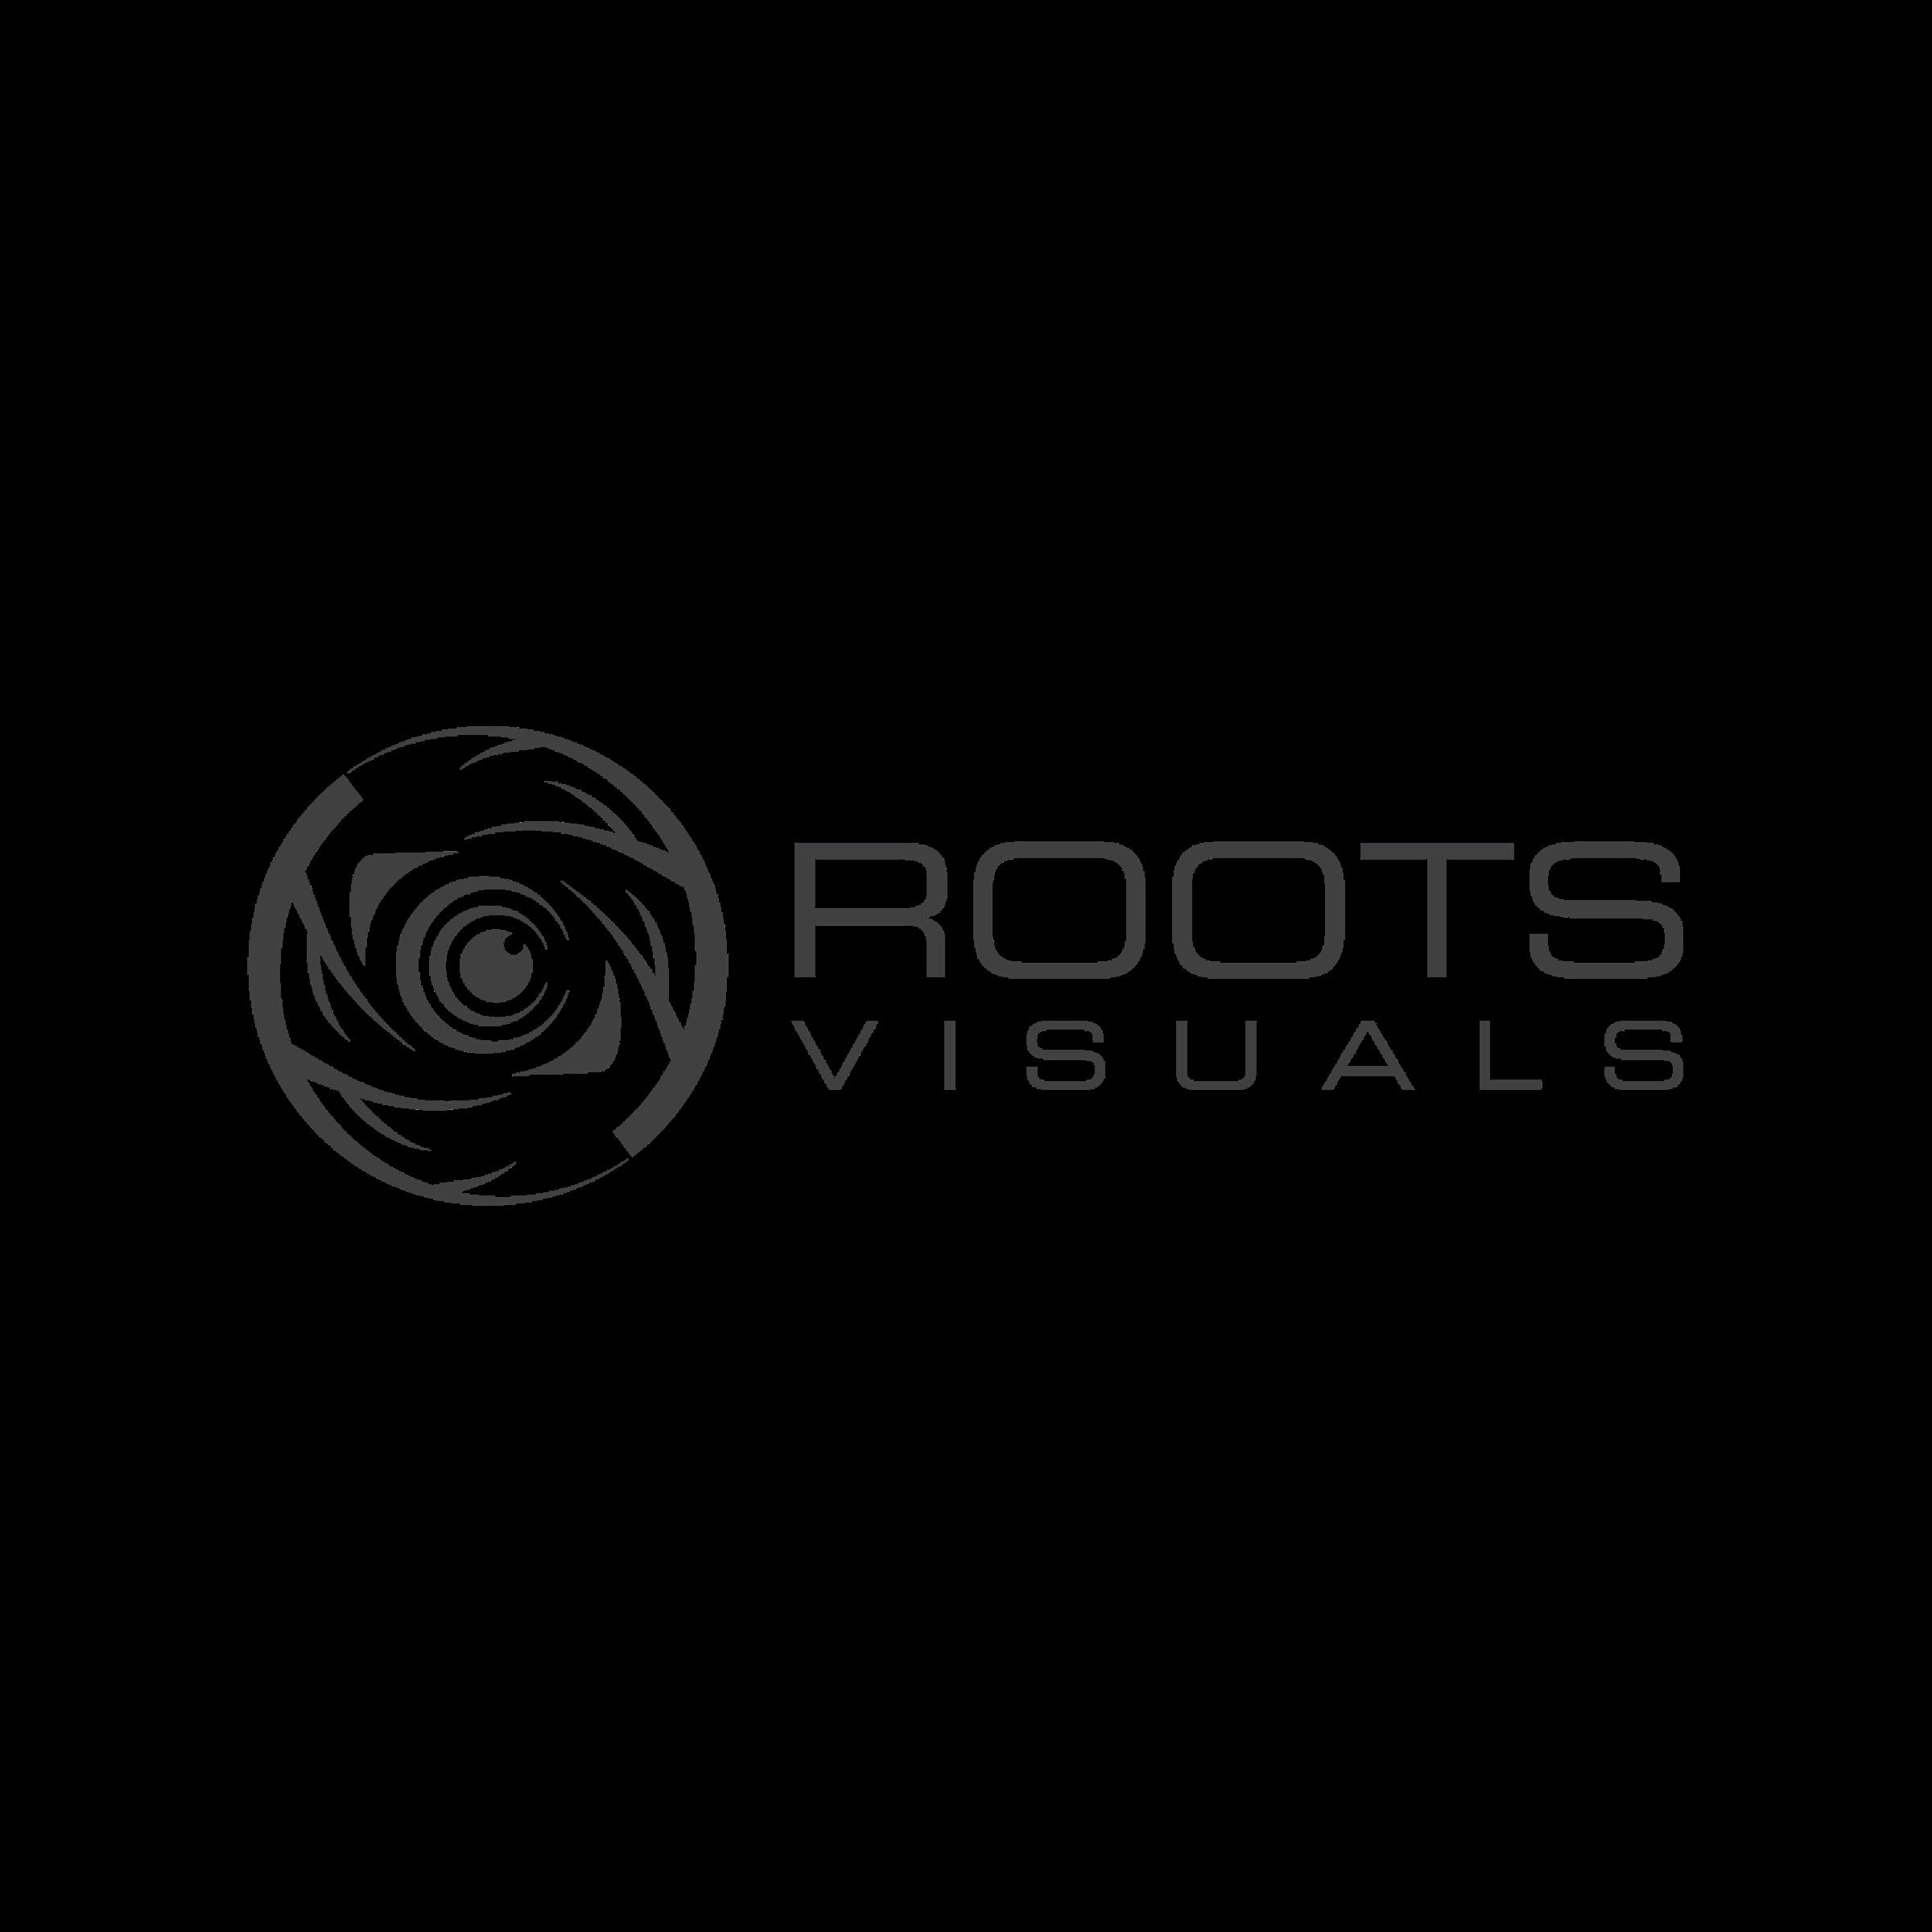 Roots Visuals (transparant)-01 copy.png